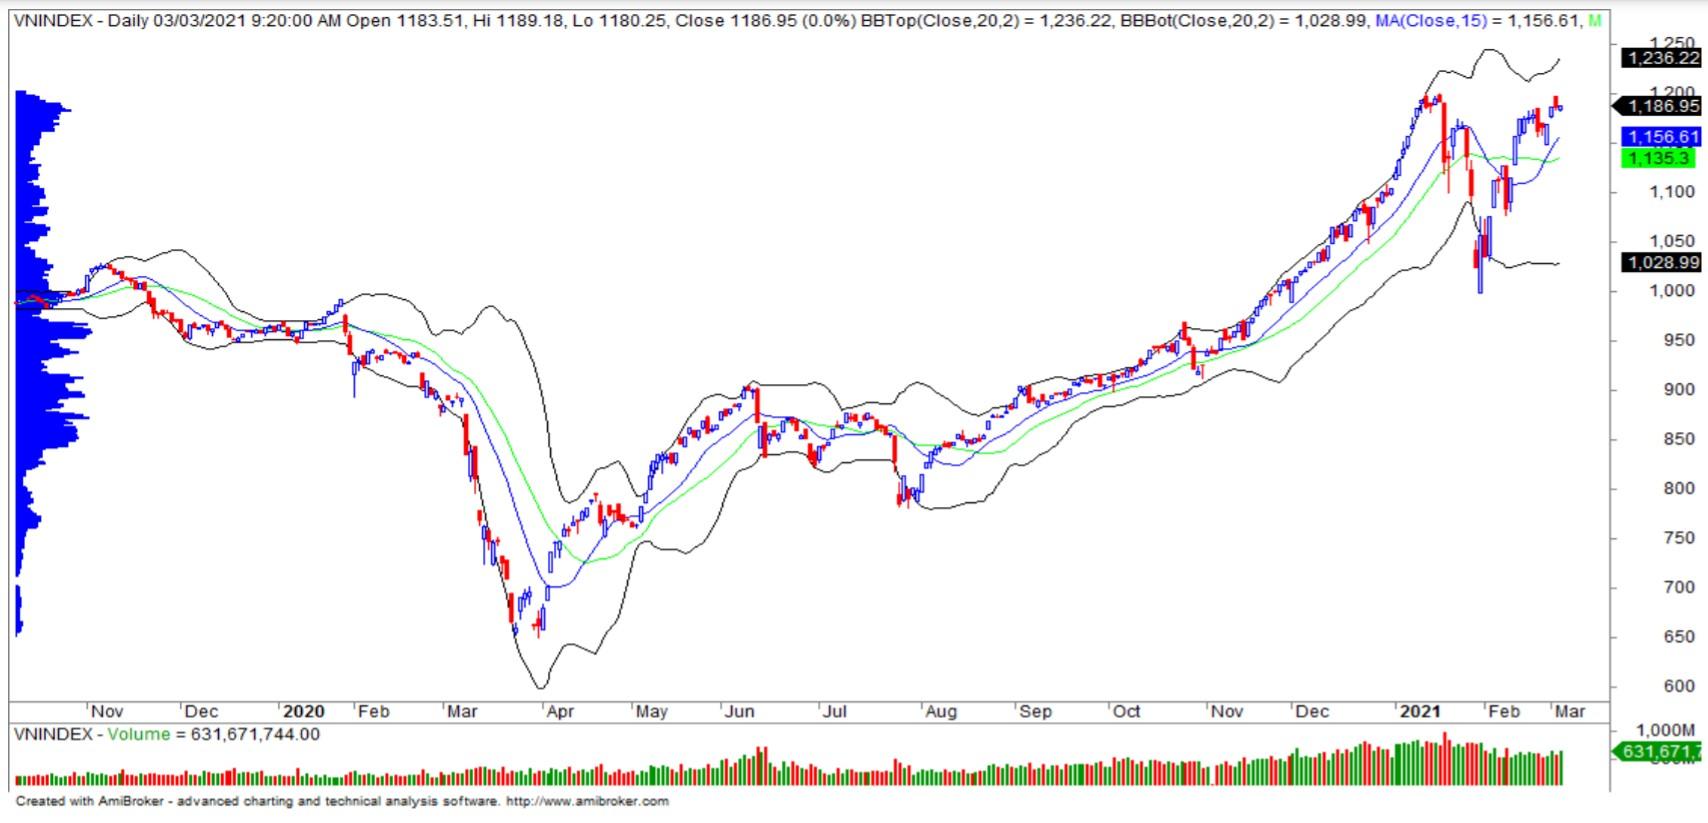 Nhận định thị trường chứng khoán ngày 4/3: VN-Index giằng co trước mốc cản 1.200 điểm - Ảnh 1.